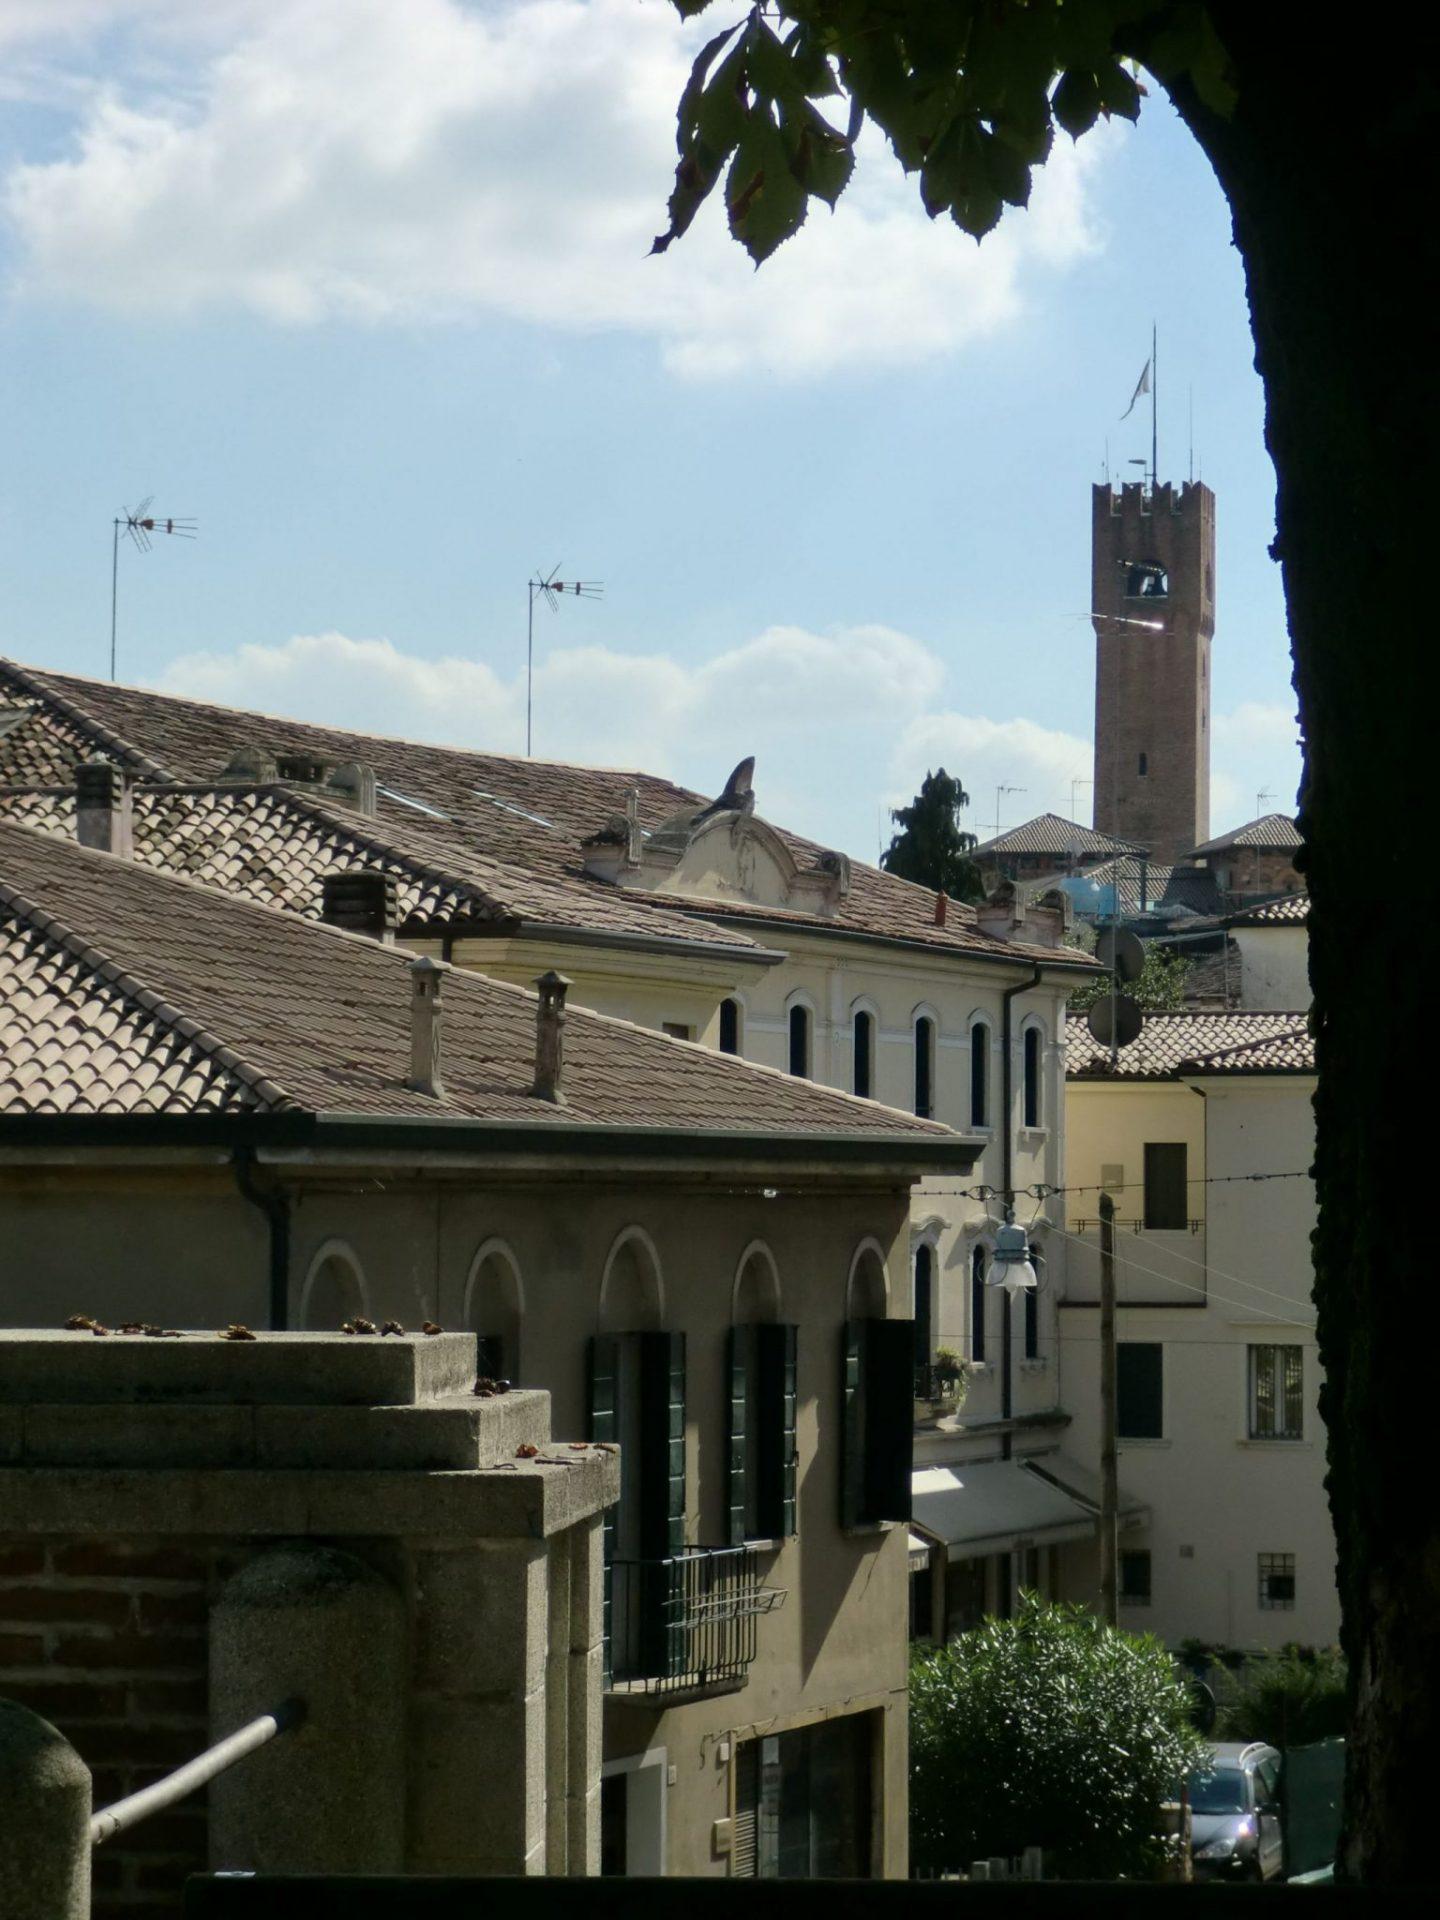 Treviso città 4 1440x1920 - Treviso: Italian beauty